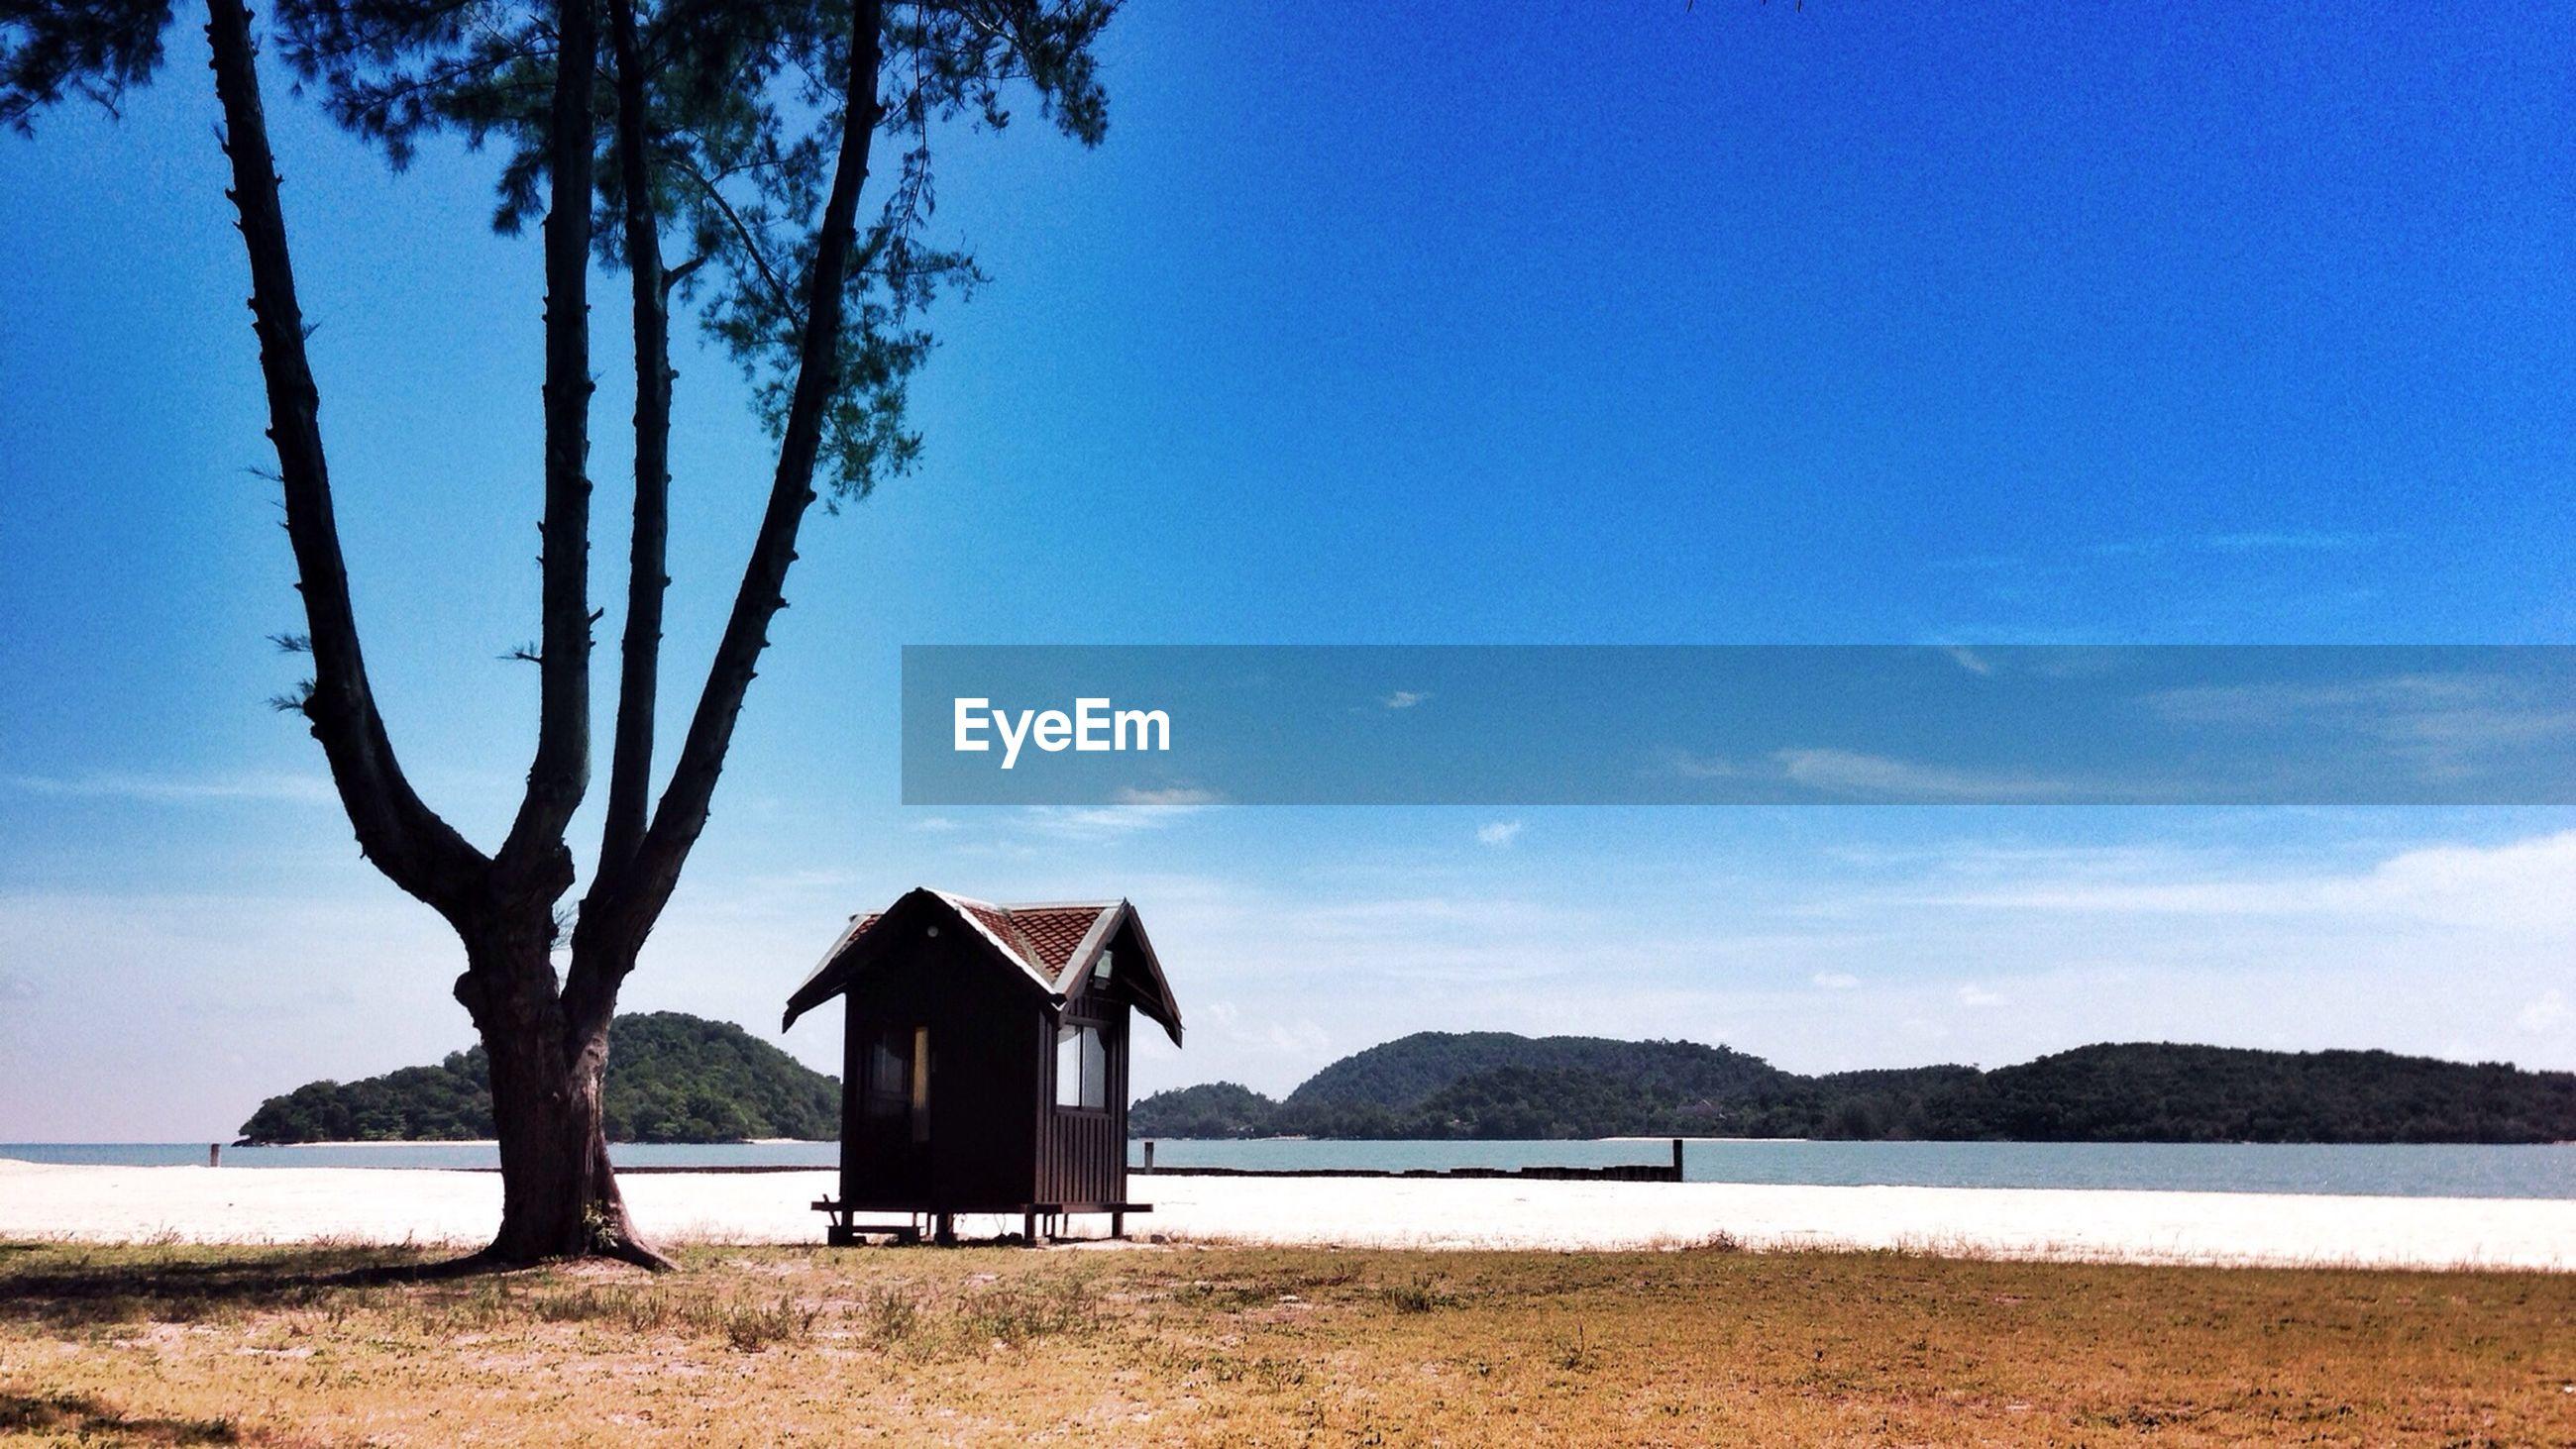 Built structure on calm beach against blue sky